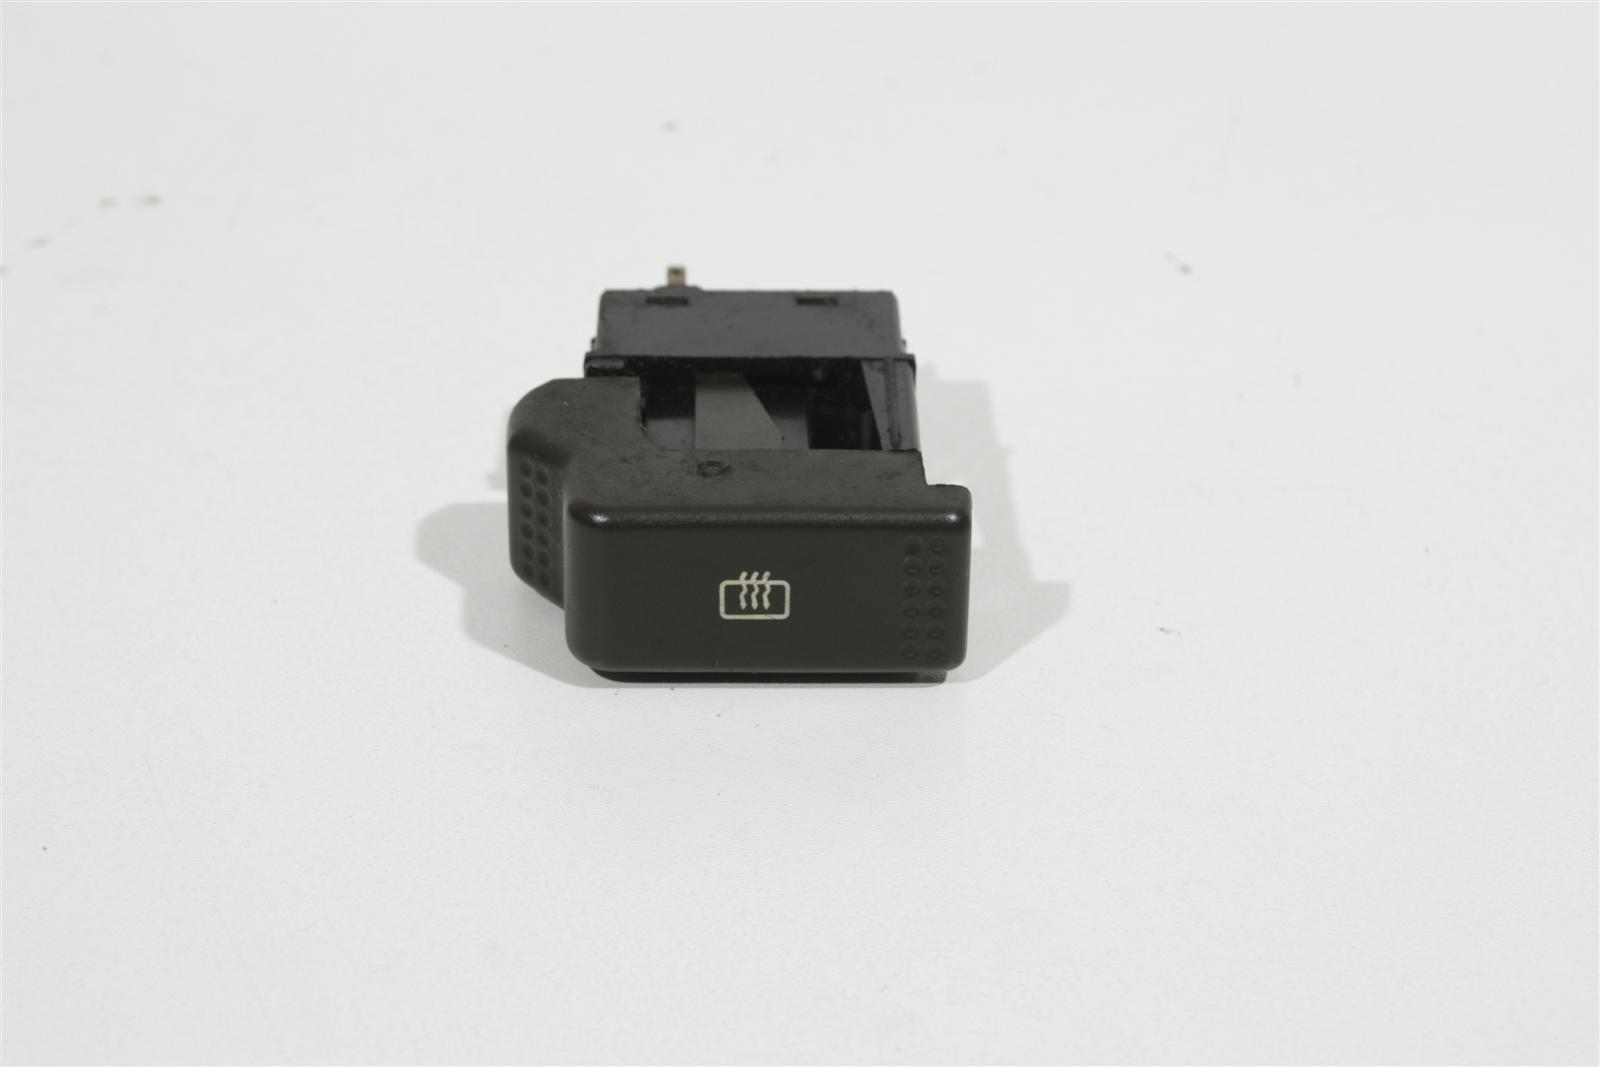 Audi 80/90 Typ 81/85 Schalter Heckscheibenheizung negro 855941503